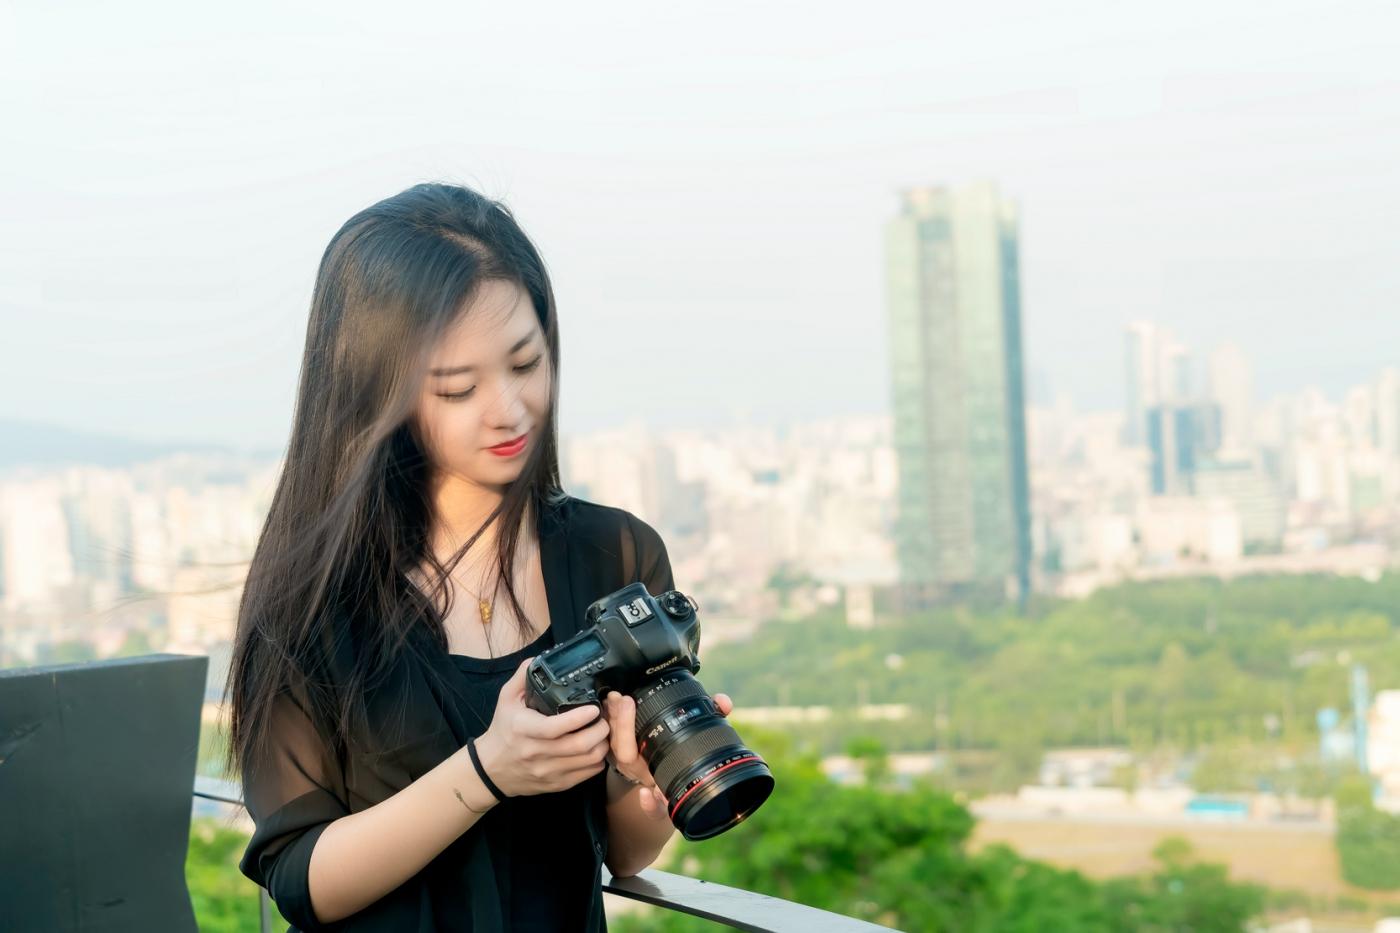 我所见过的最漂亮的女摄影师 姑娘的摄影是舞蹈老师教的吧_图1-12